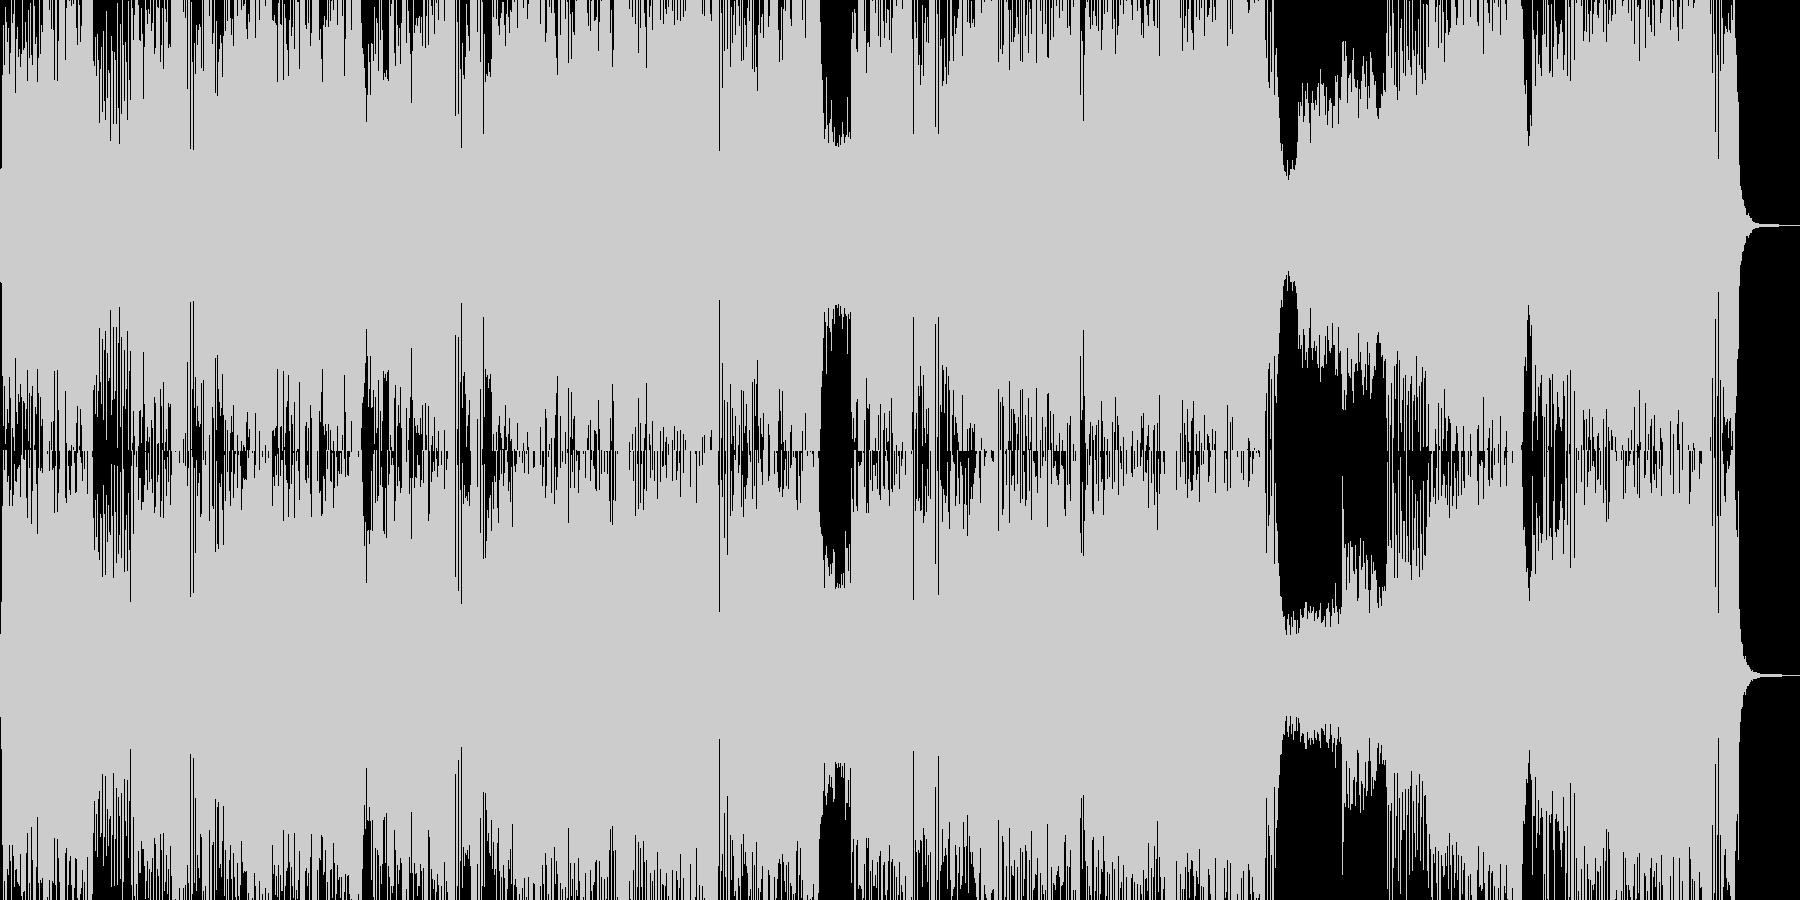 戦闘!オーケストラテクノ エレキ無・長尺の未再生の波形